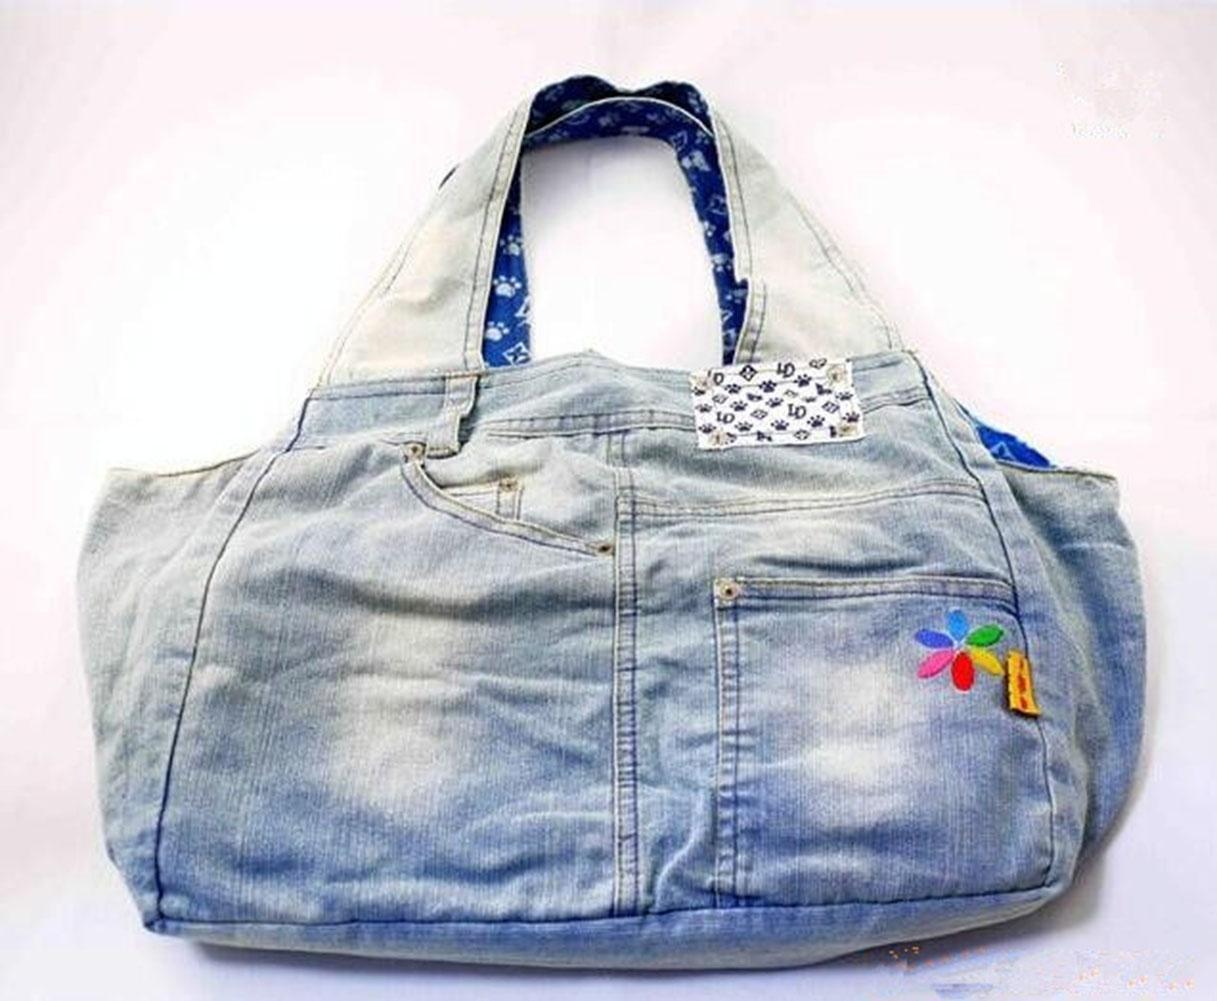 CHWTLB Casual Pet Bag Bagnato Cowboy blu